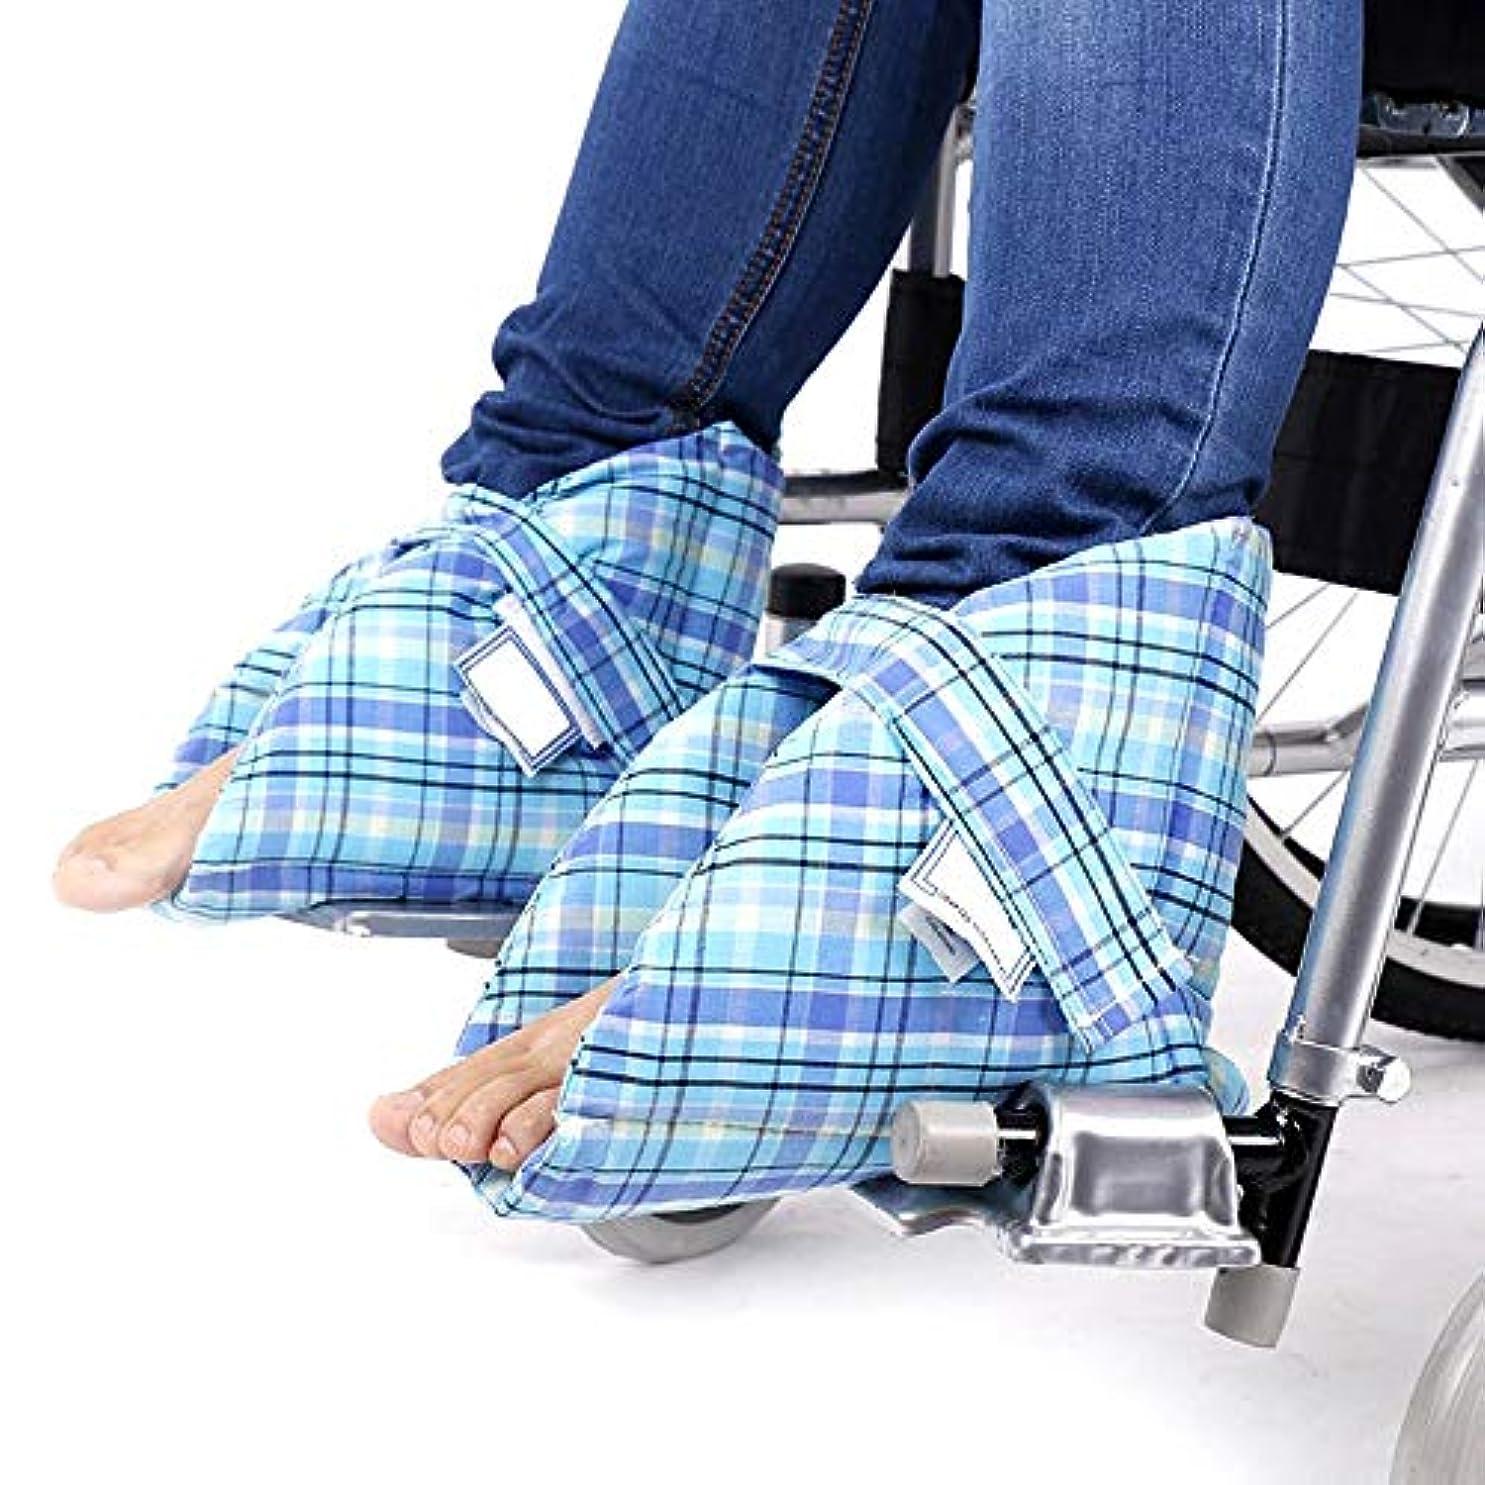 宗教的な格納マイクロフォン褥瘡および腱の残りのための医療用ヒールクッションプロテクター - 車椅子高齢者足首保護枕 - 1ペア